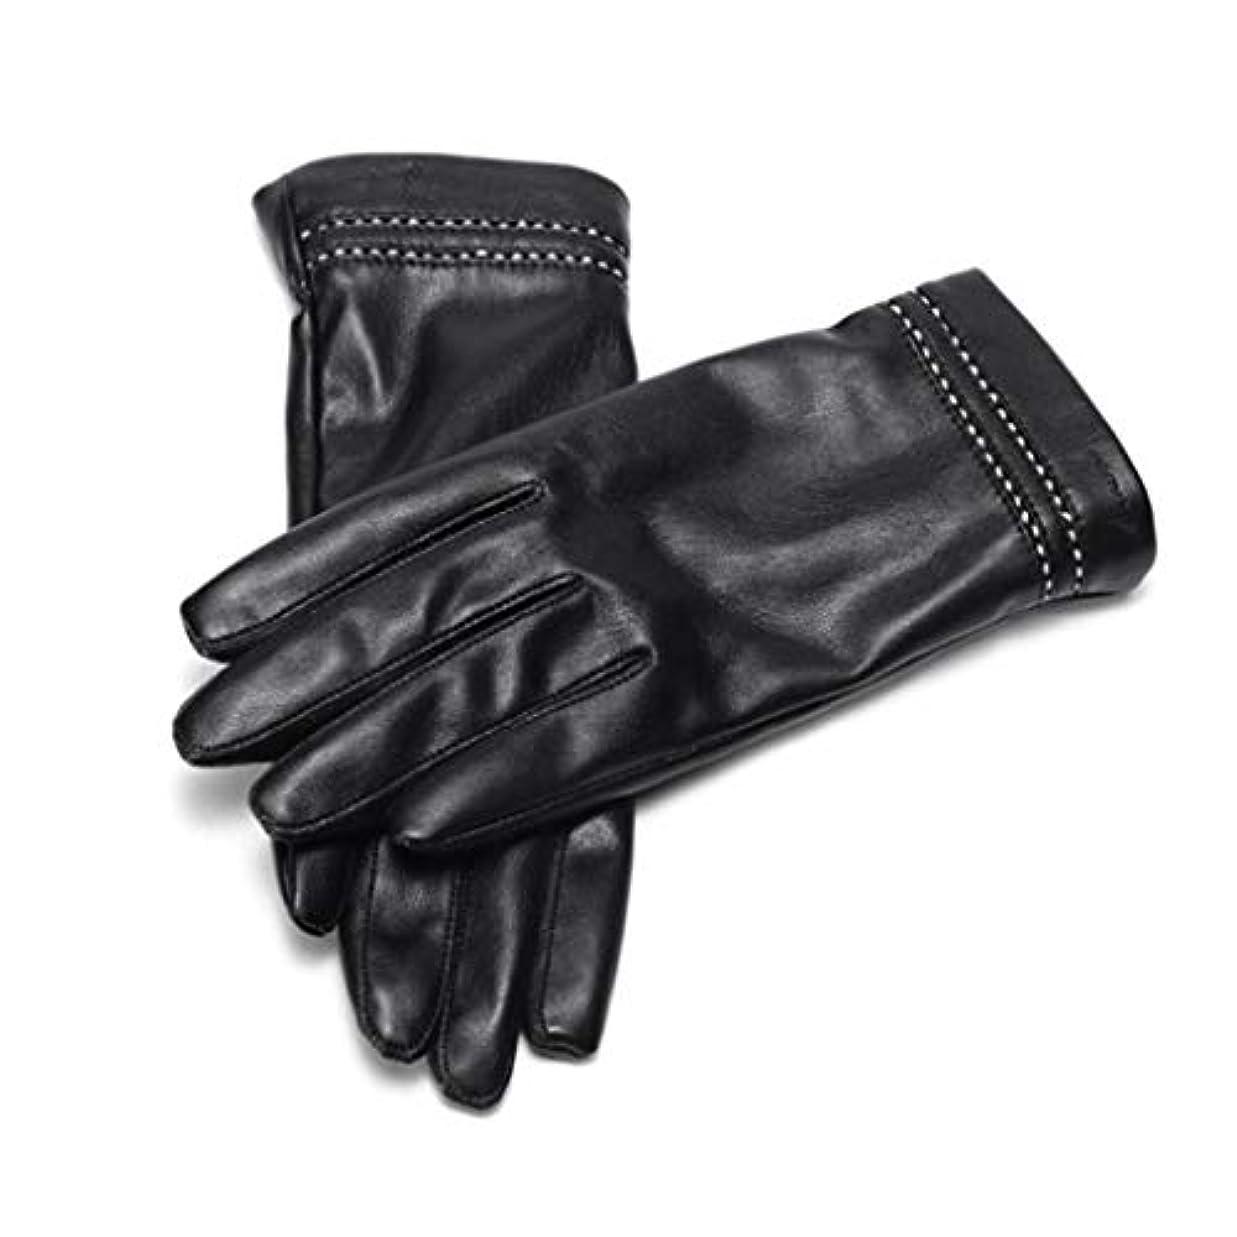 テレマコスミトンはさみ女性の革手袋秋と冬のファッションプラスベルベット暖かい滑り止めのタッチスクリーン革手袋の女性671141003黒